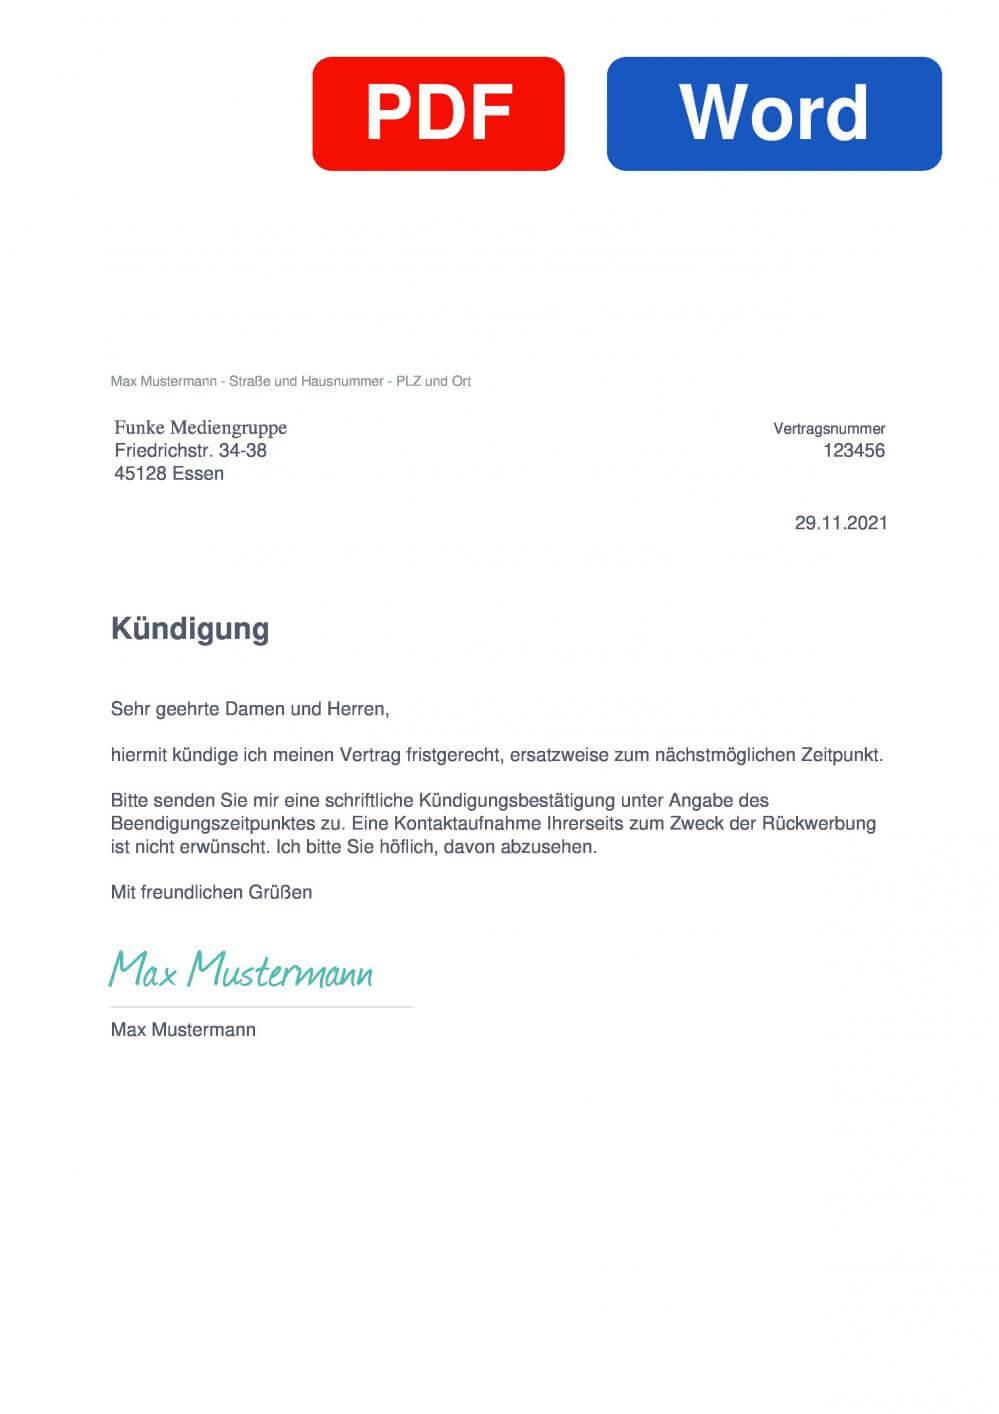 Gong Verlag Muster Vorlage für Kündigungsschreiben